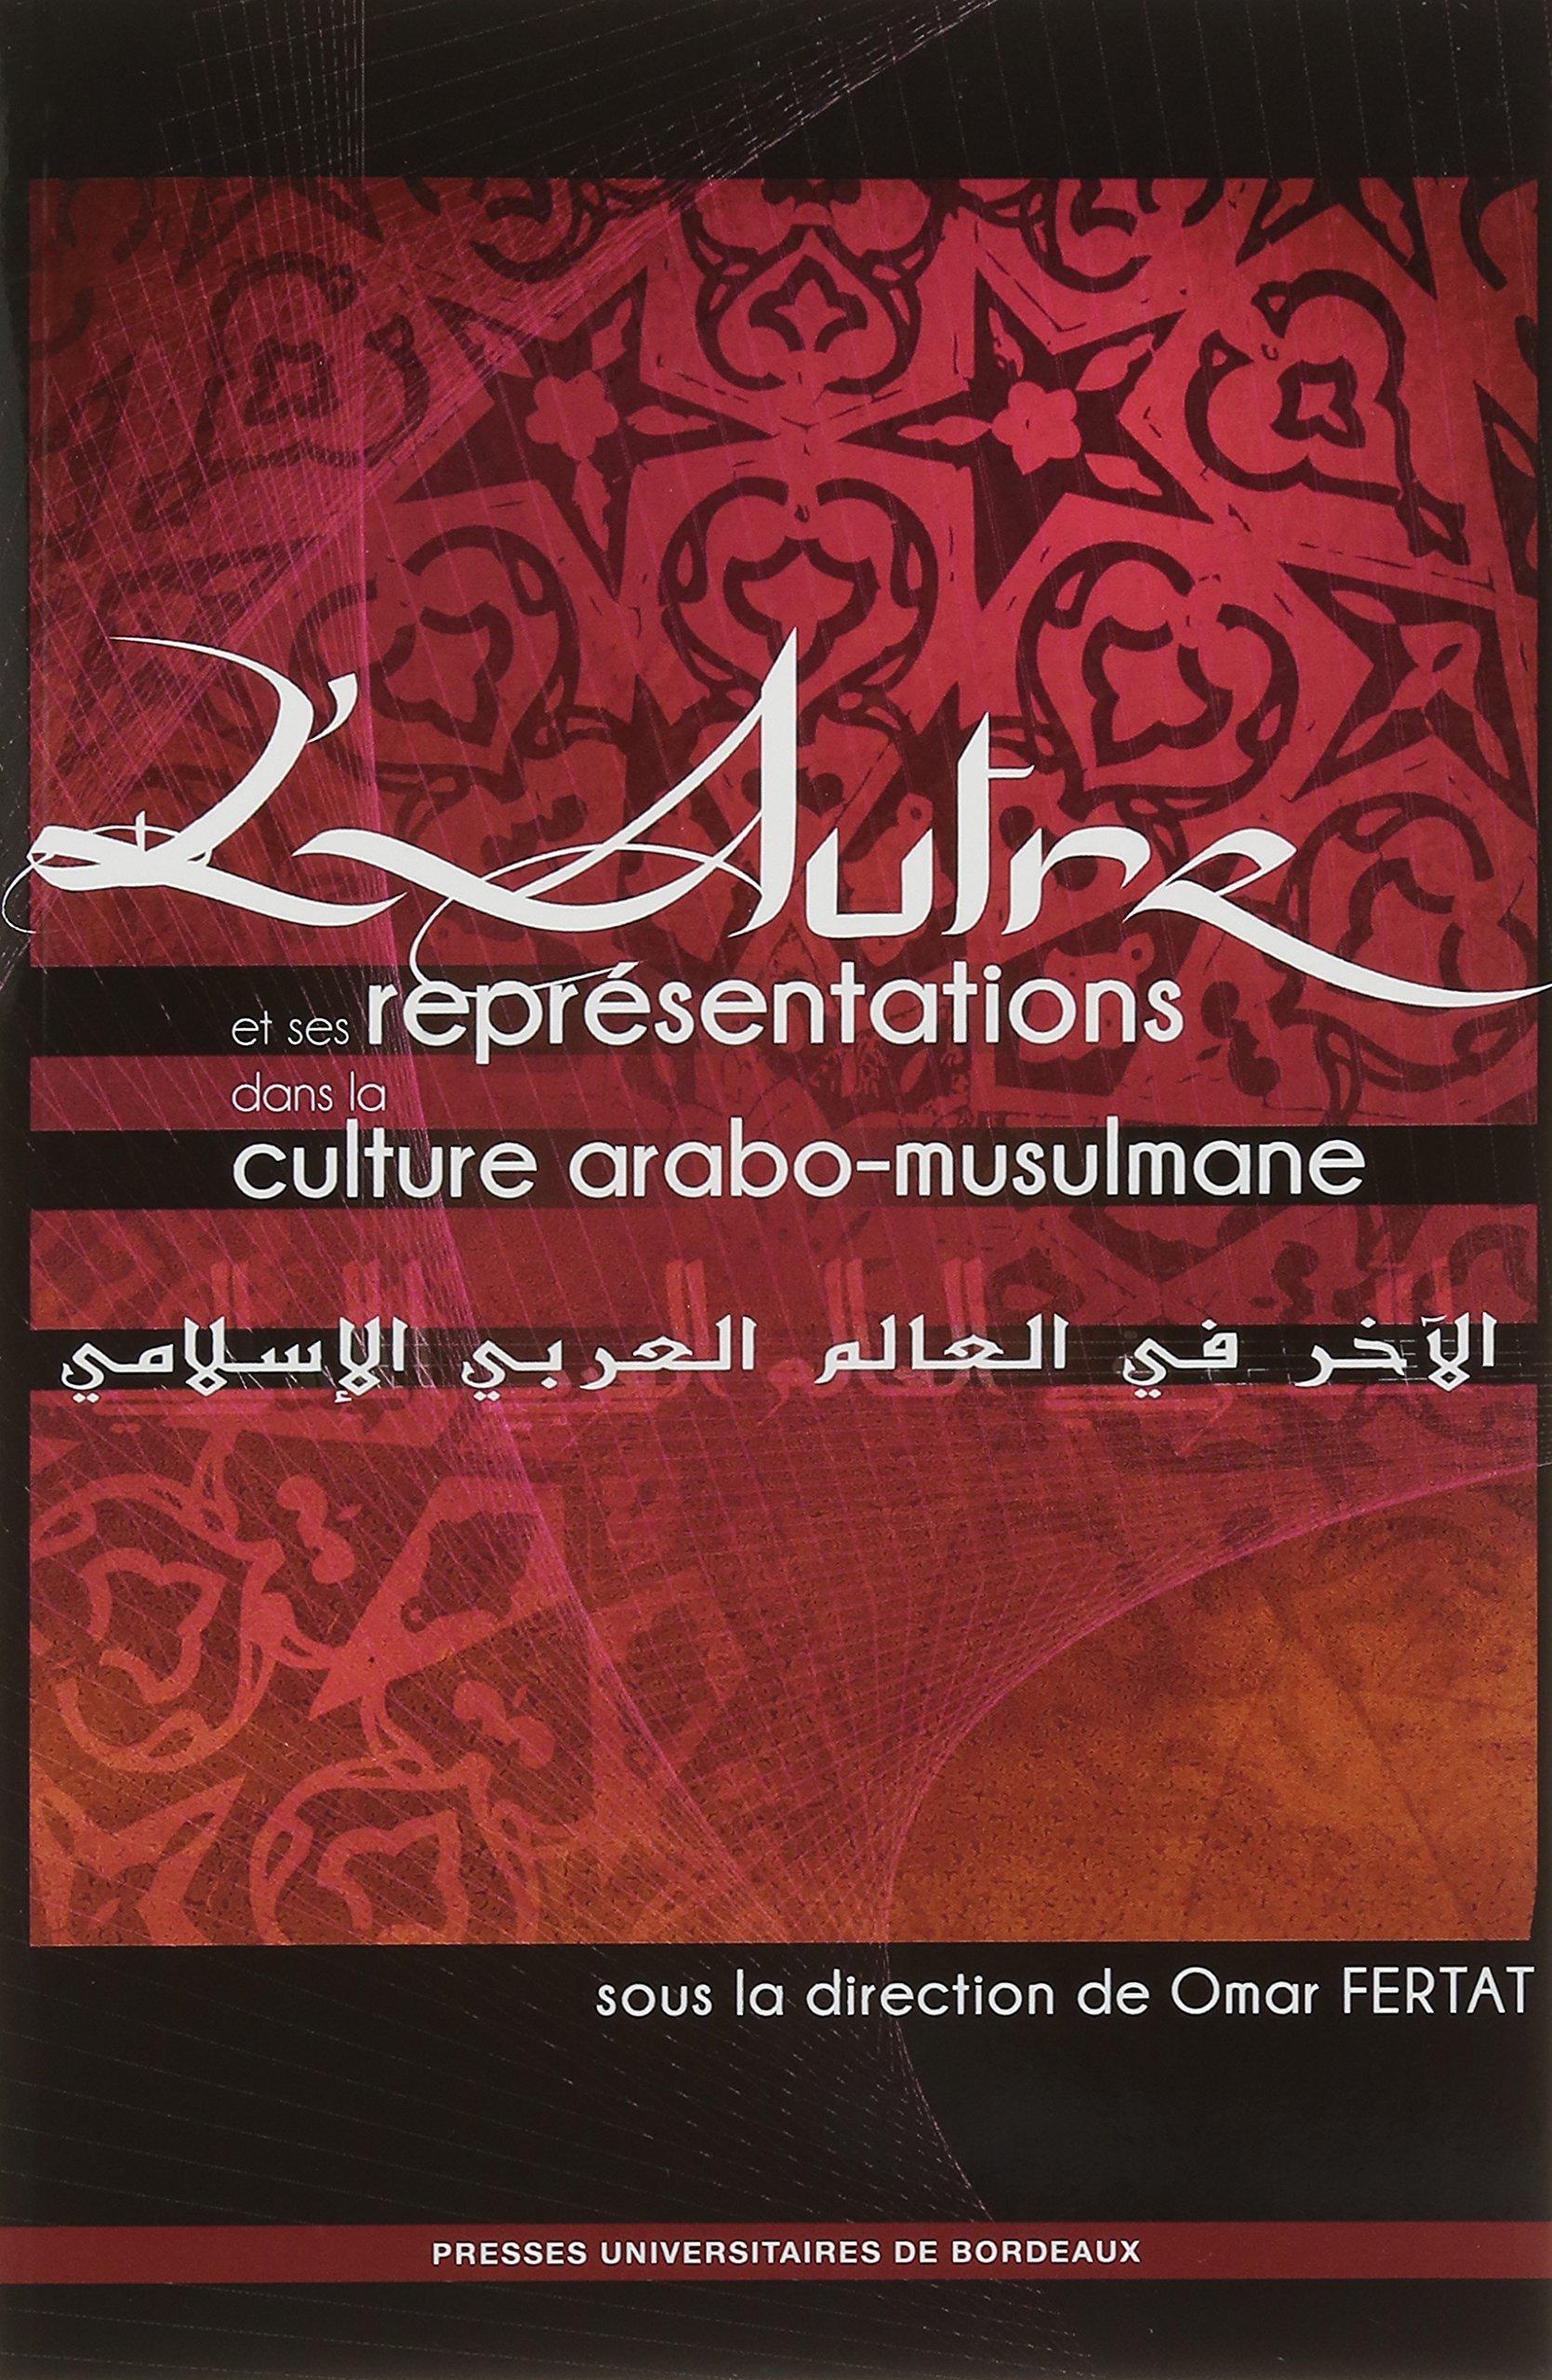 """Résultat de recherche d'images pour """"L'Autre et ses représentations dans la culture arabo-musulmane"""""""